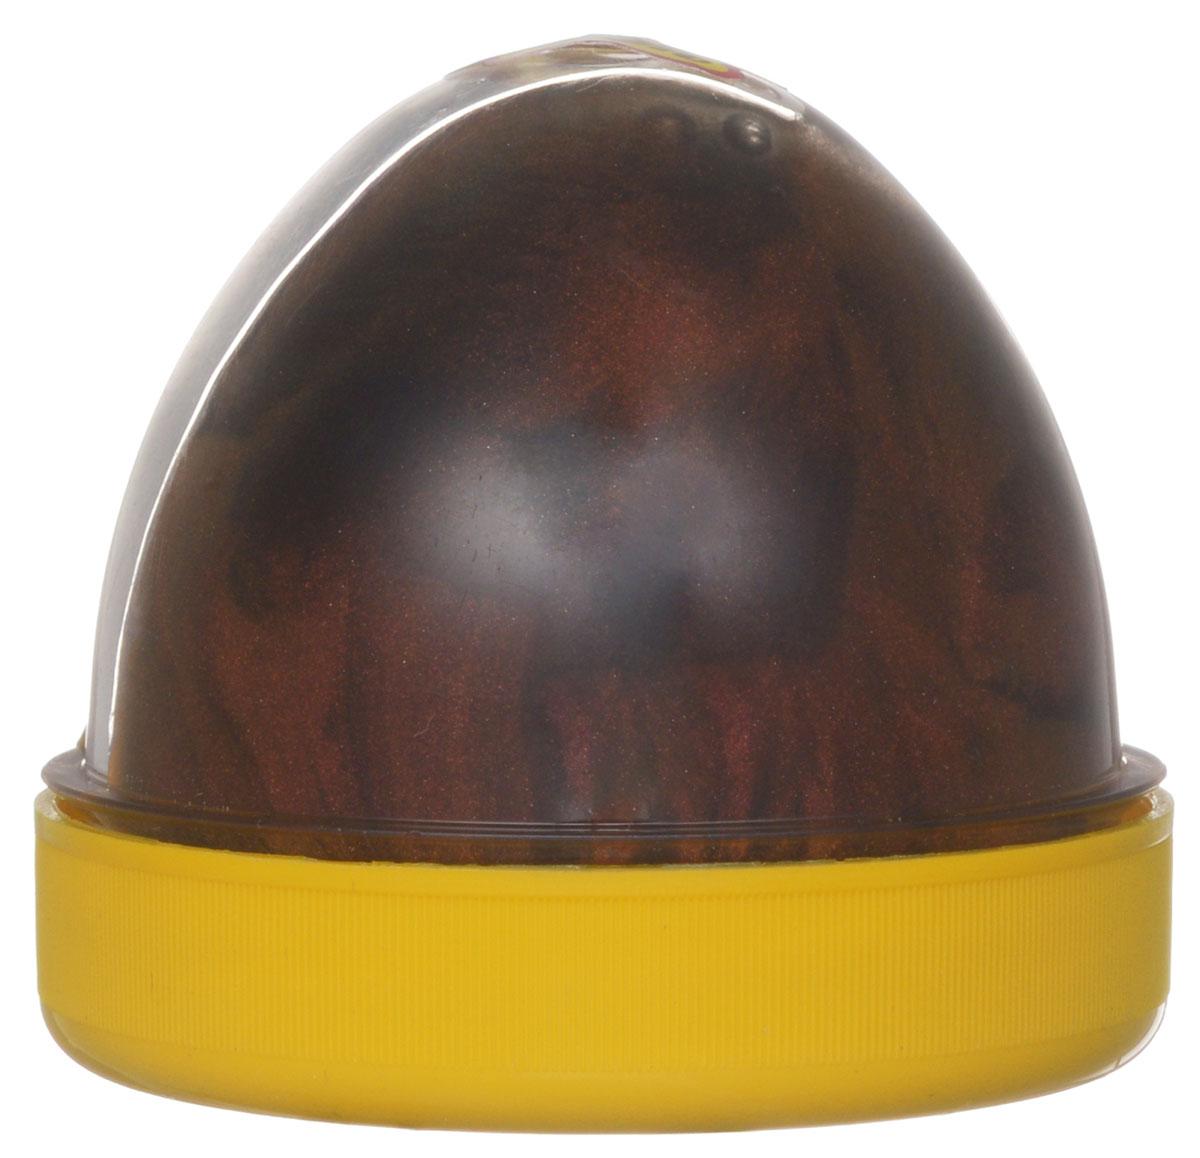 """Жвачка для рук """"ТМ HandGum"""", цвет: красный металлик, с запахом фруктового микса, 35 г"""